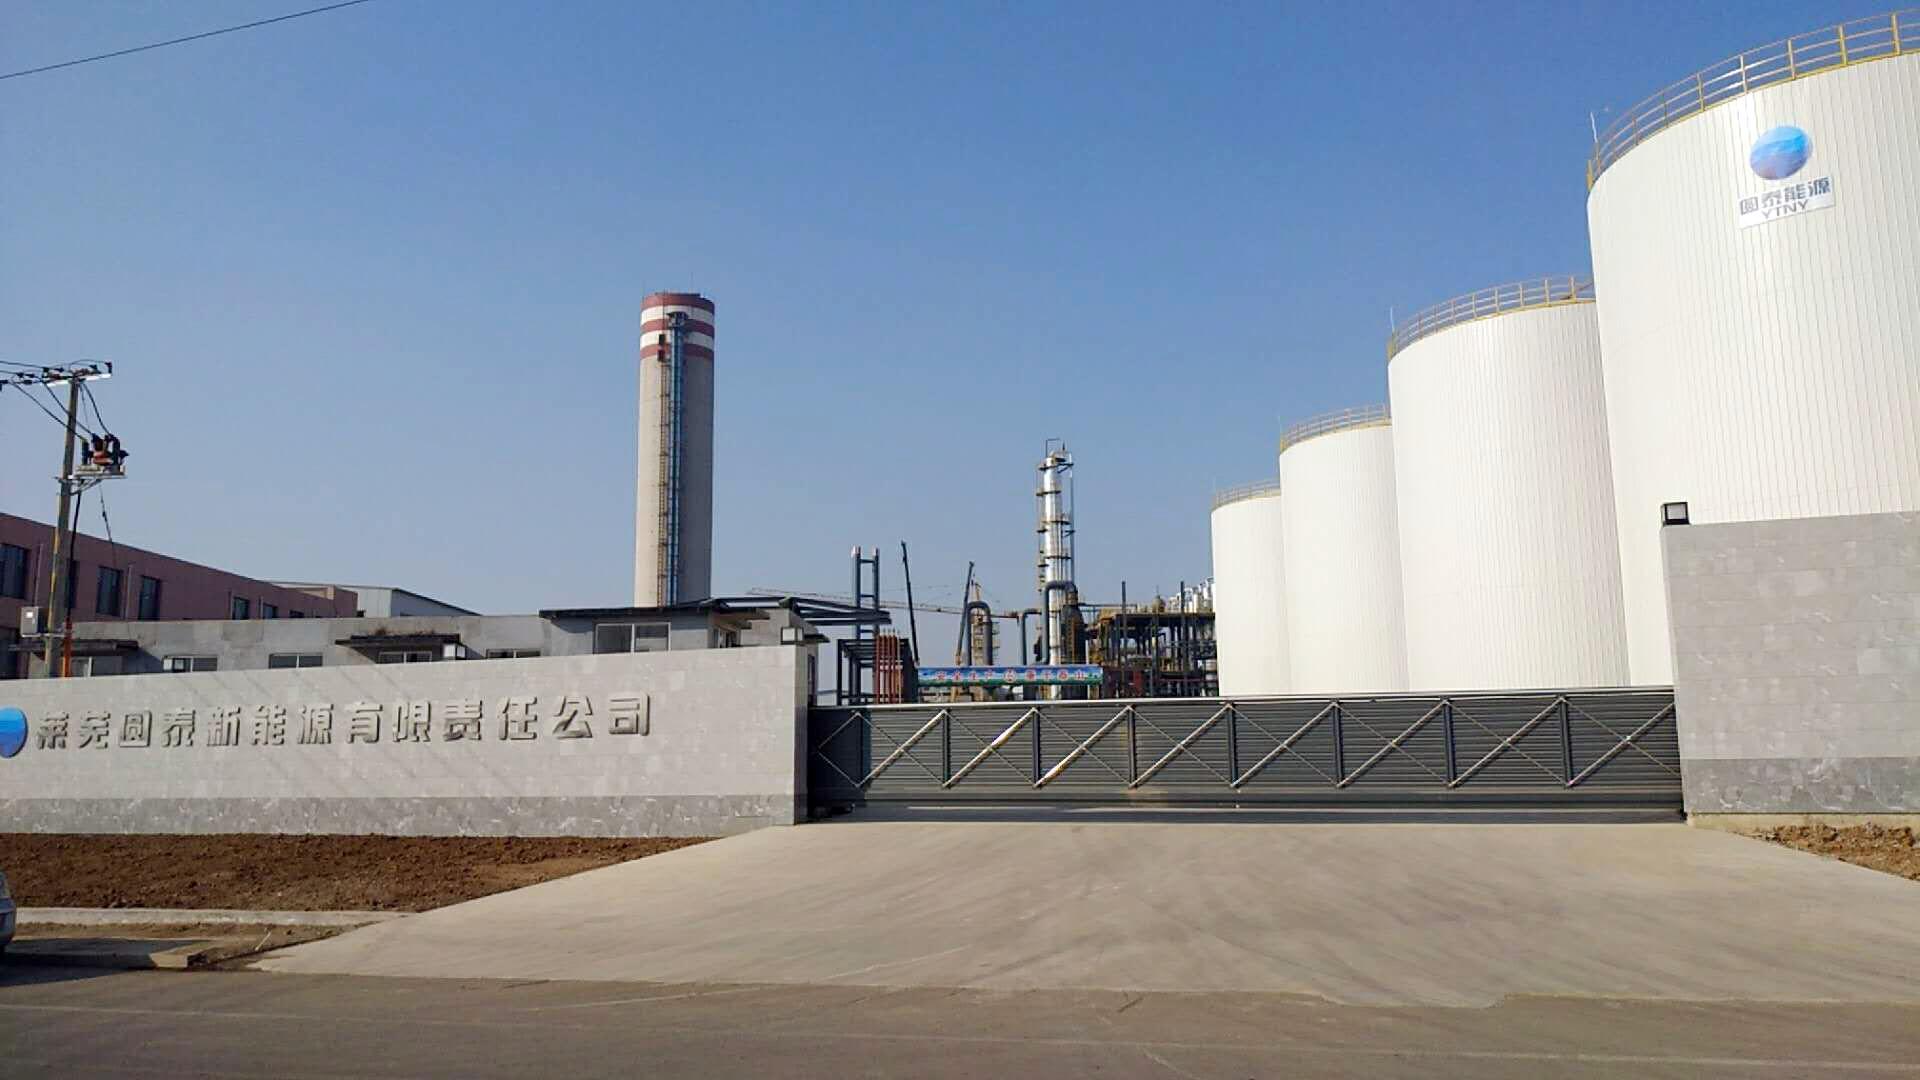 聊城東阿瑞豐木業有限公司